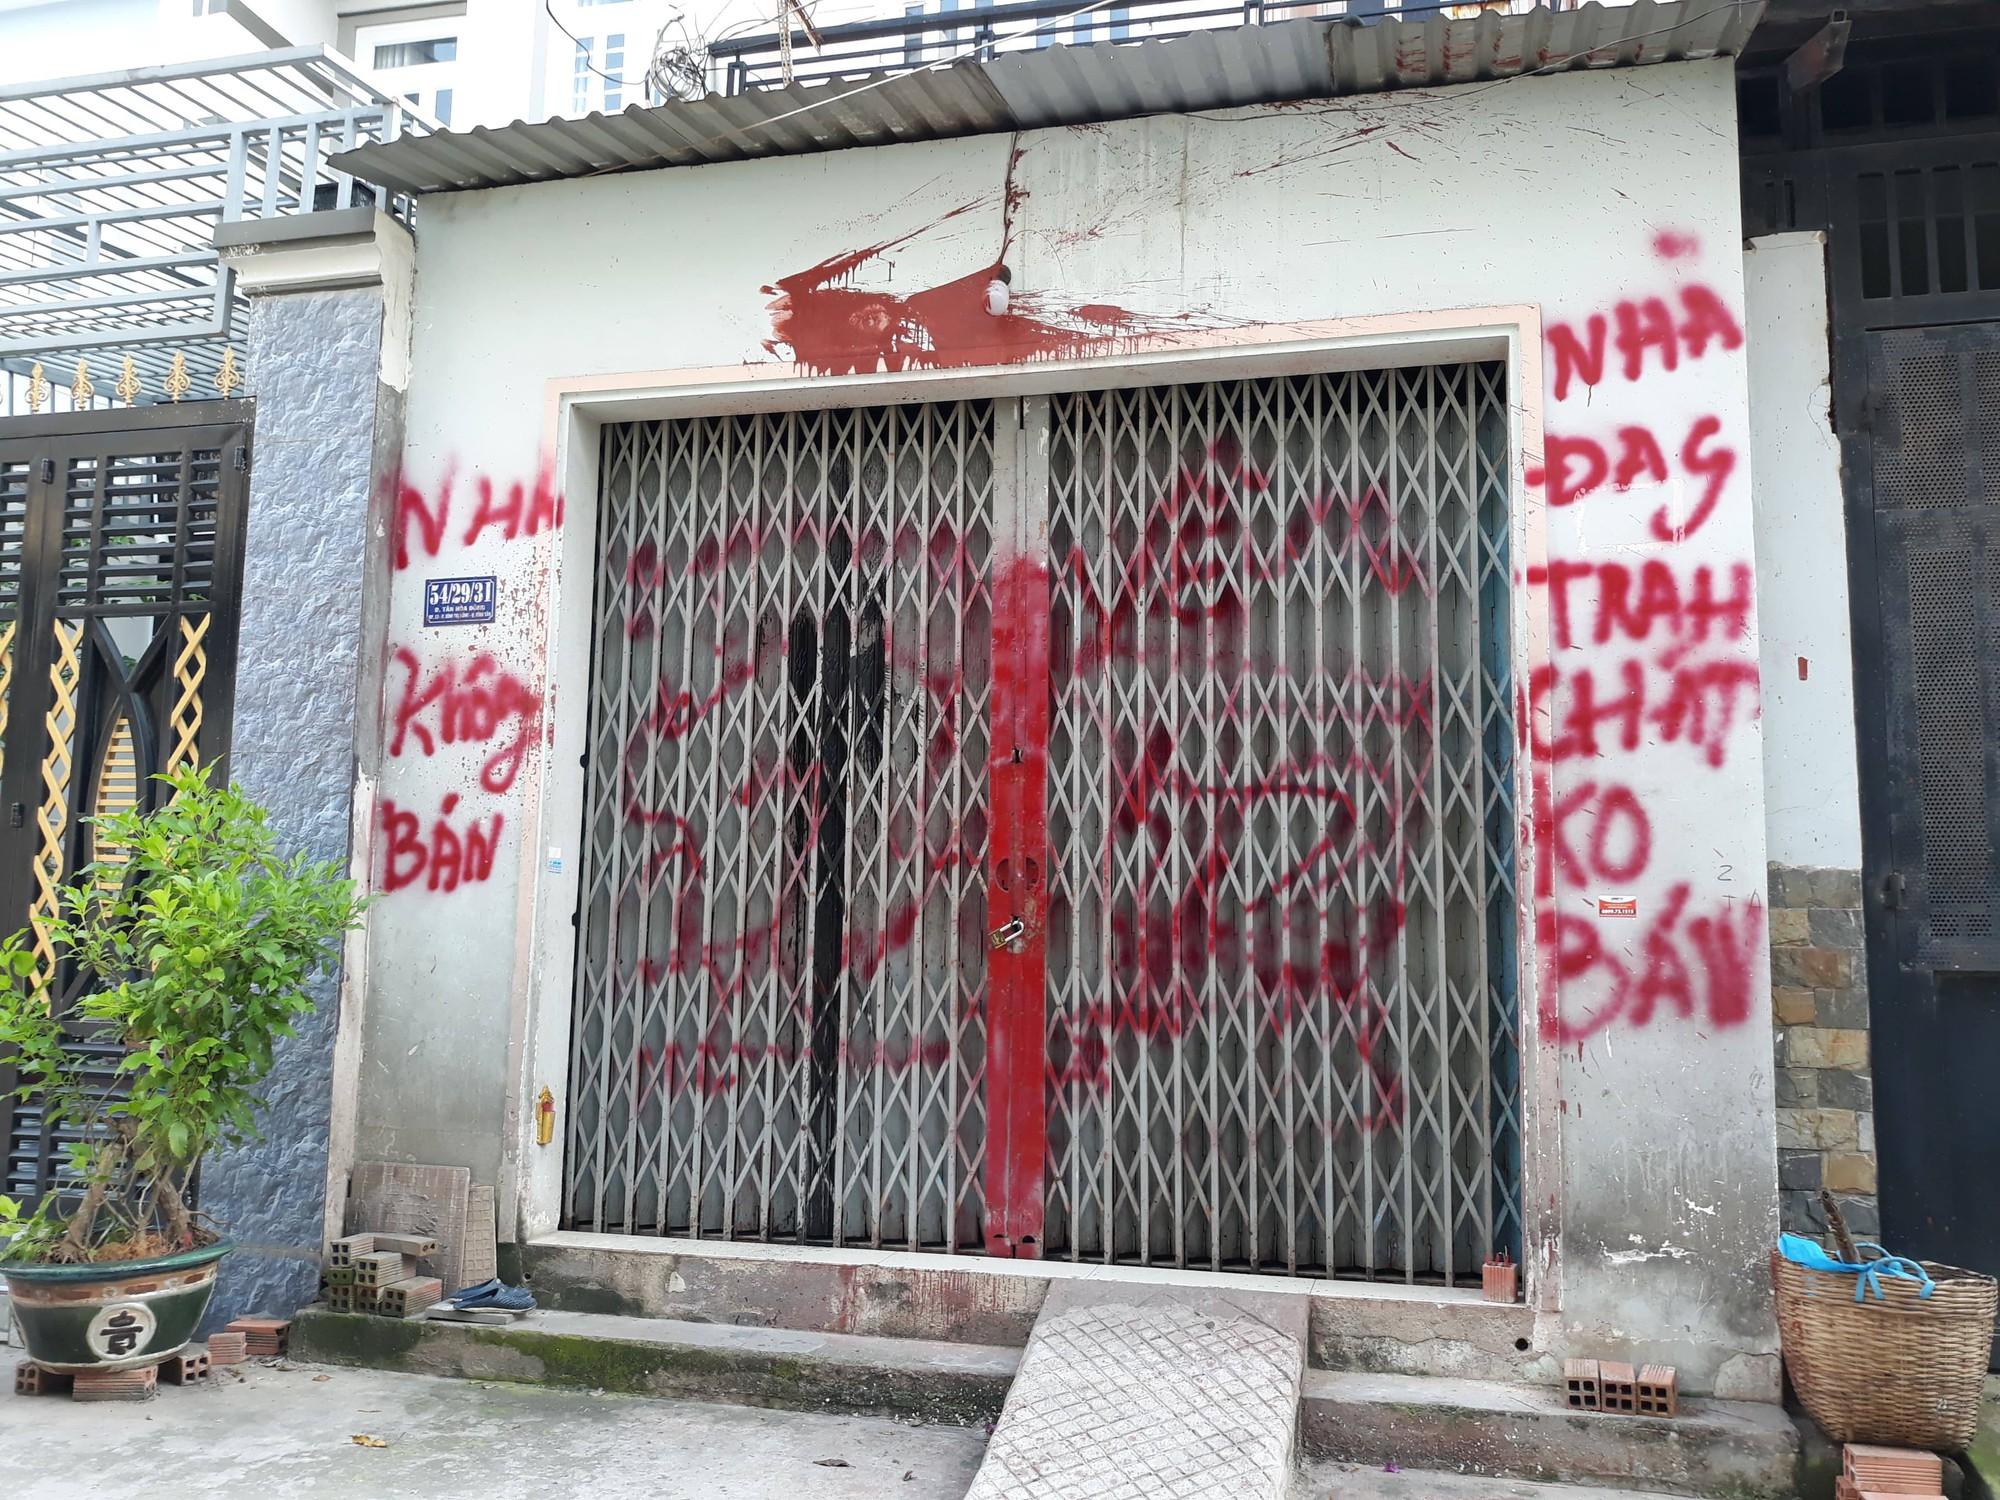 Cô giáo tiểu học ở Sài Gòn viết đơn xin giang hồ cho đi dạy -